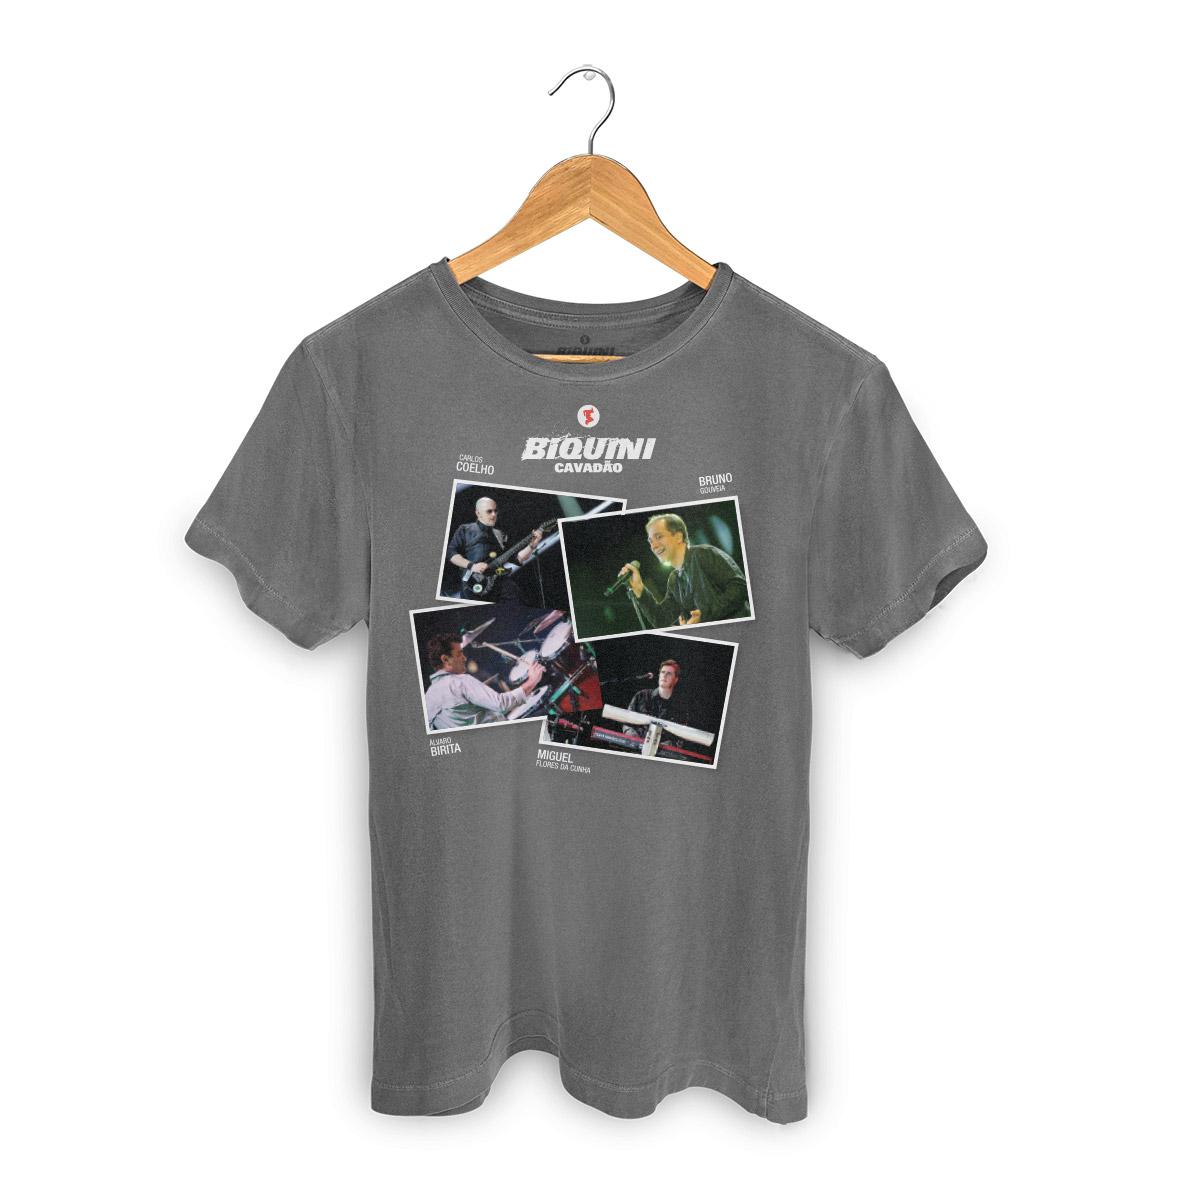 T-shirt Premium Masculina Biquini Cavadão Fotos